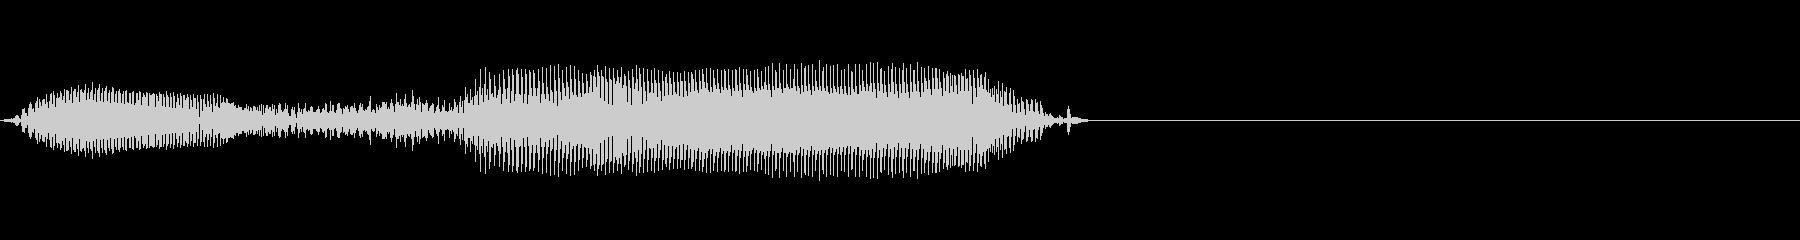 50(ご↓じゅう↑)の未再生の波形